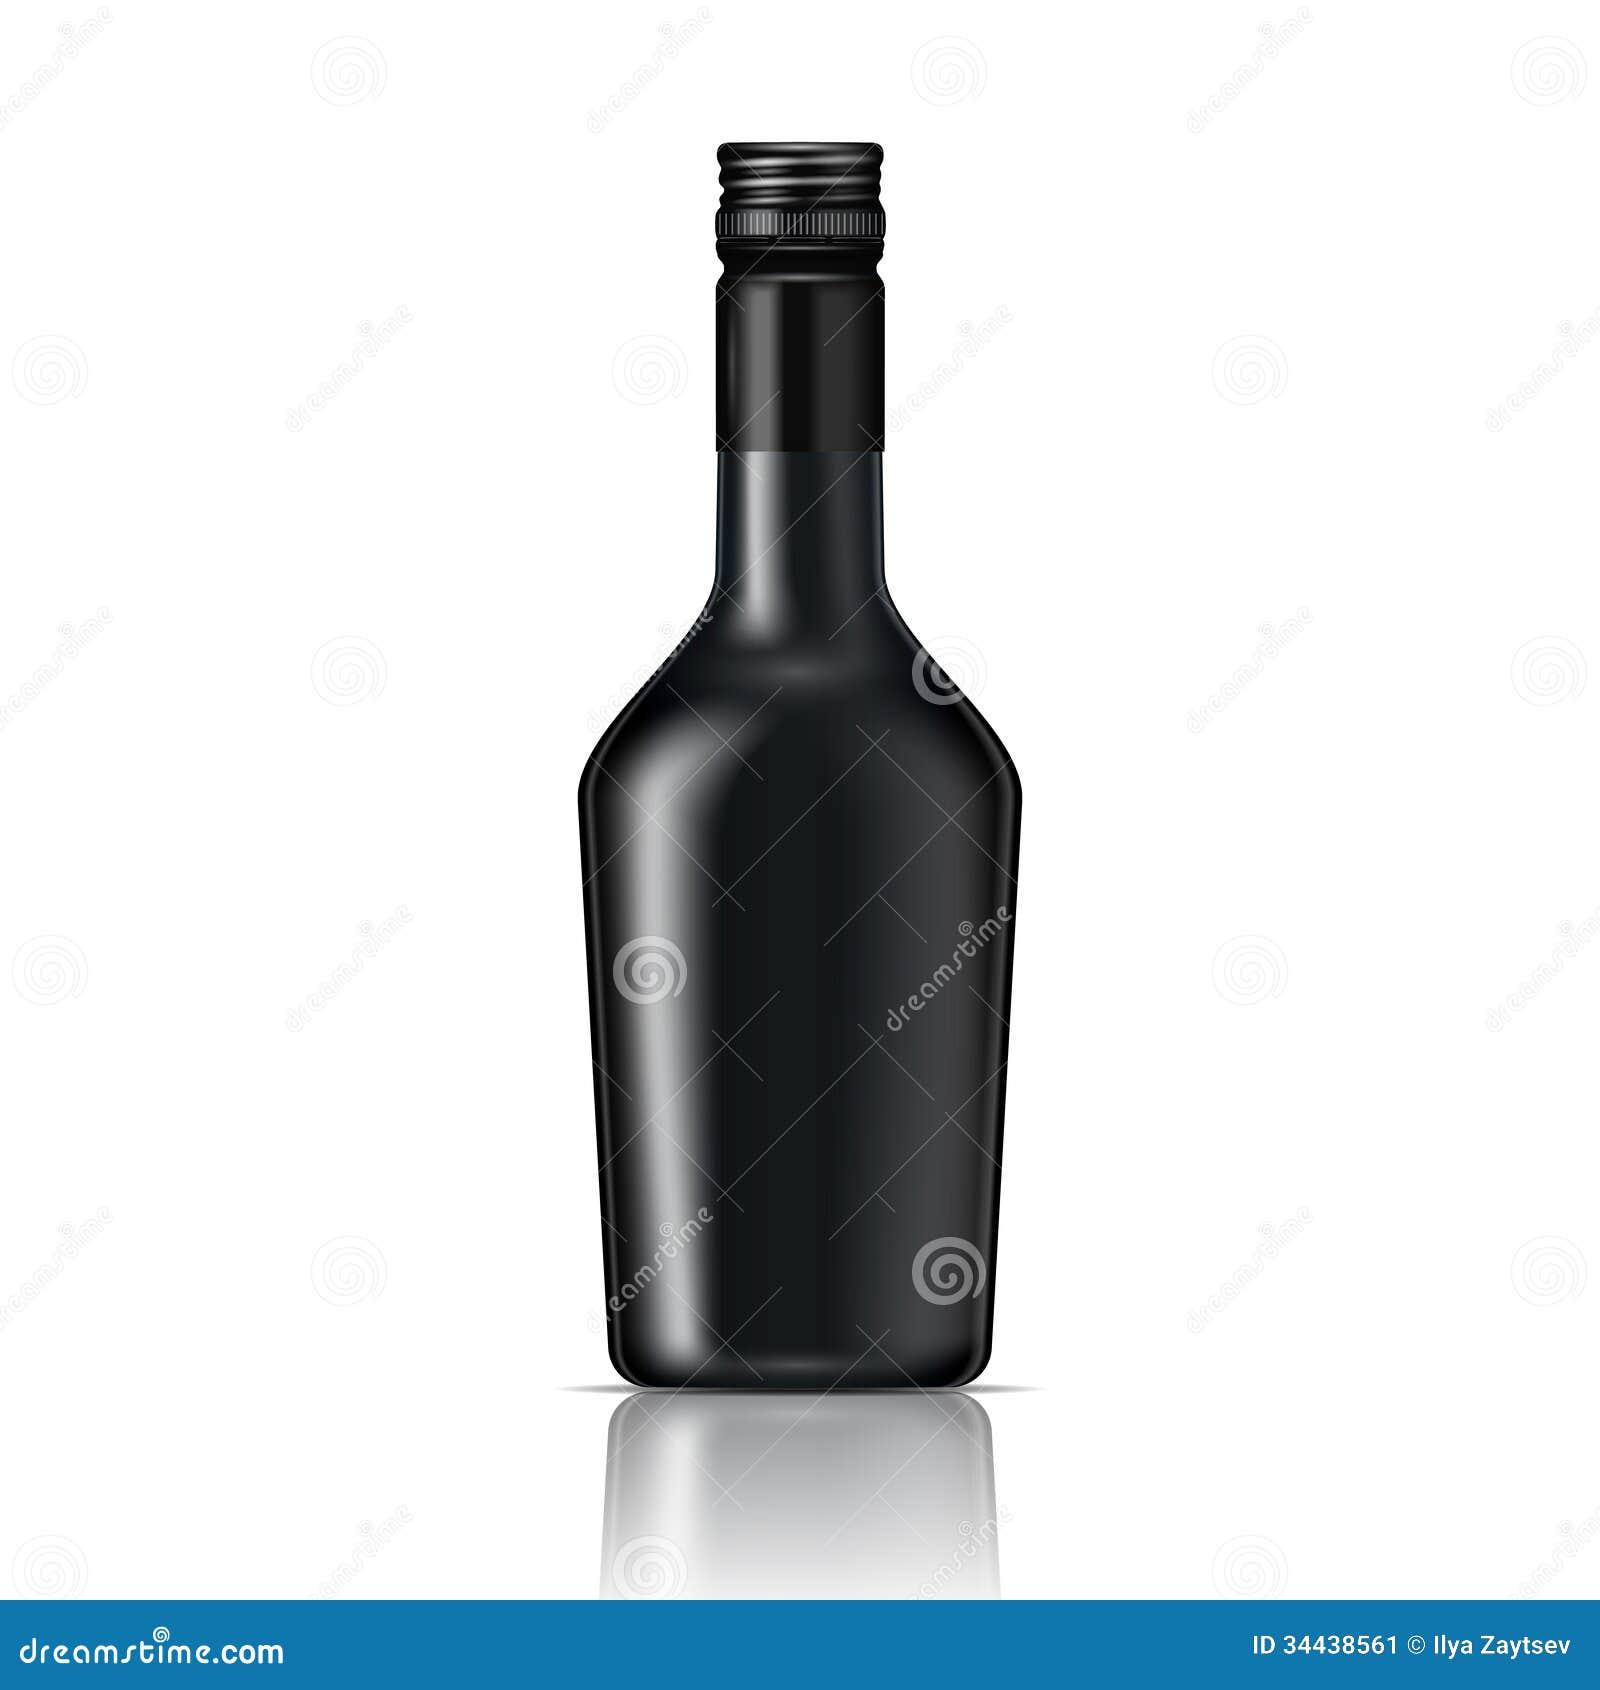 Cl Glass Spirit Bottle